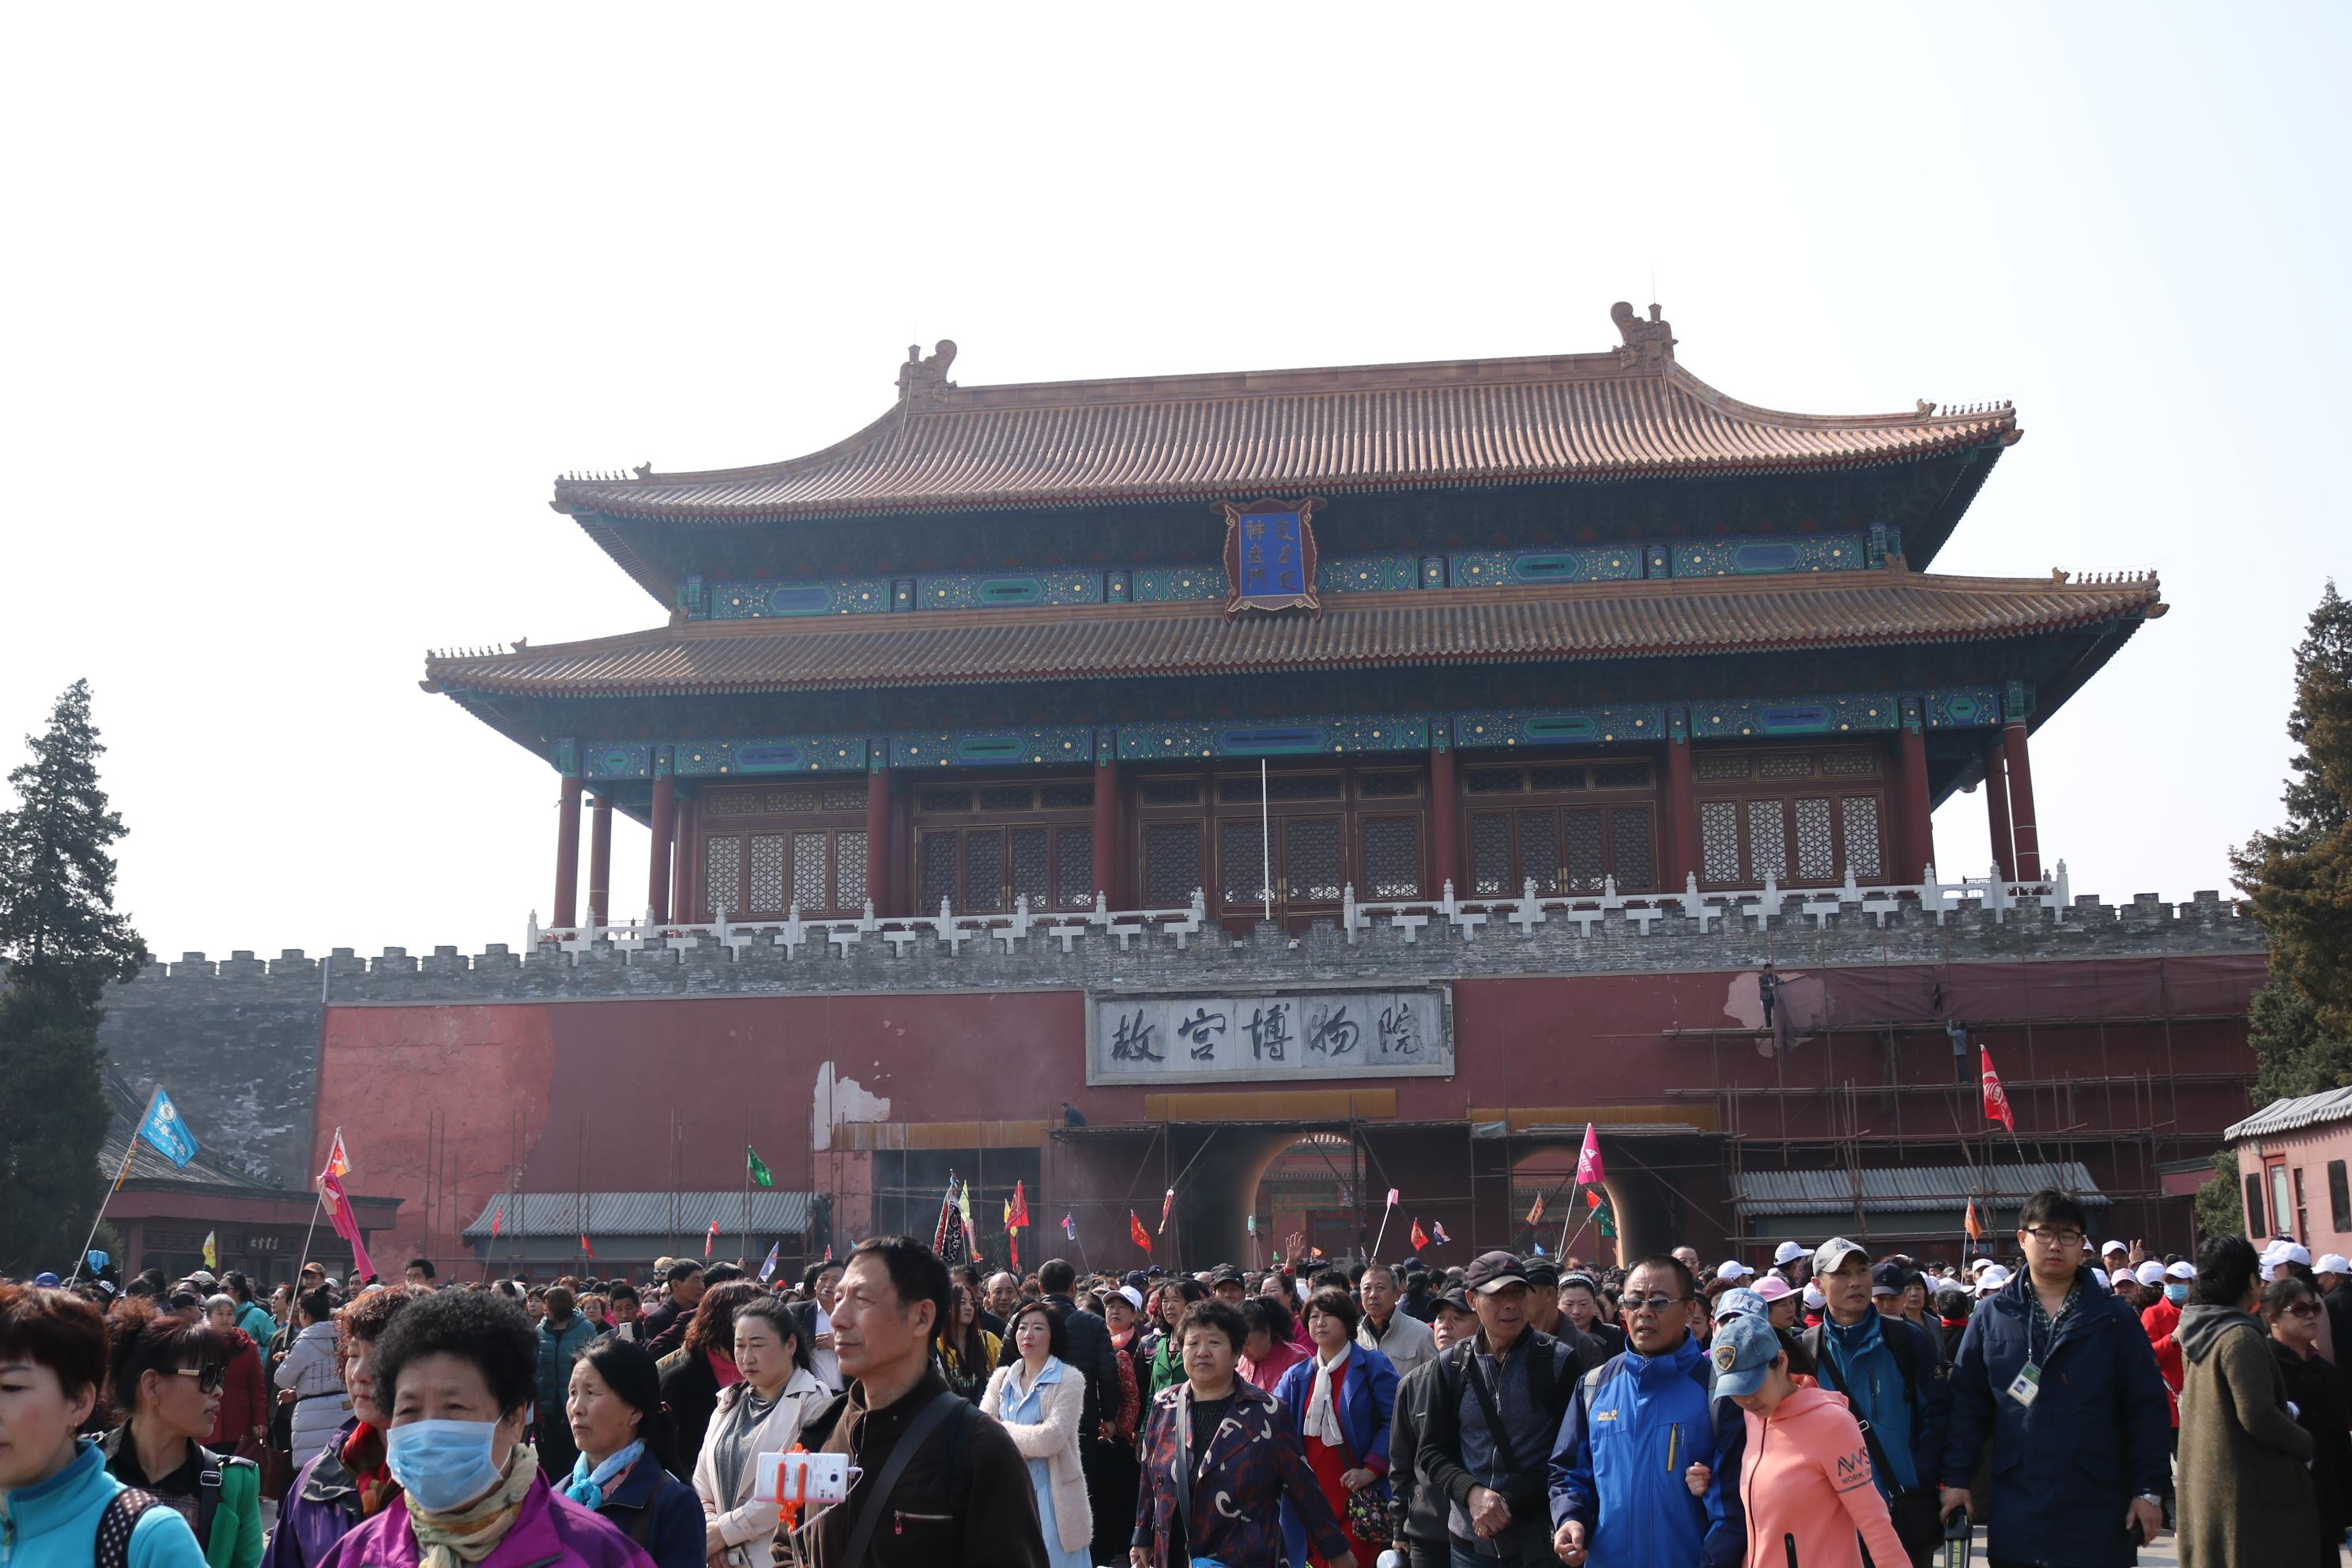 【携程攻略】北京故宫适合情侣出游旅游吗,故宫情侣